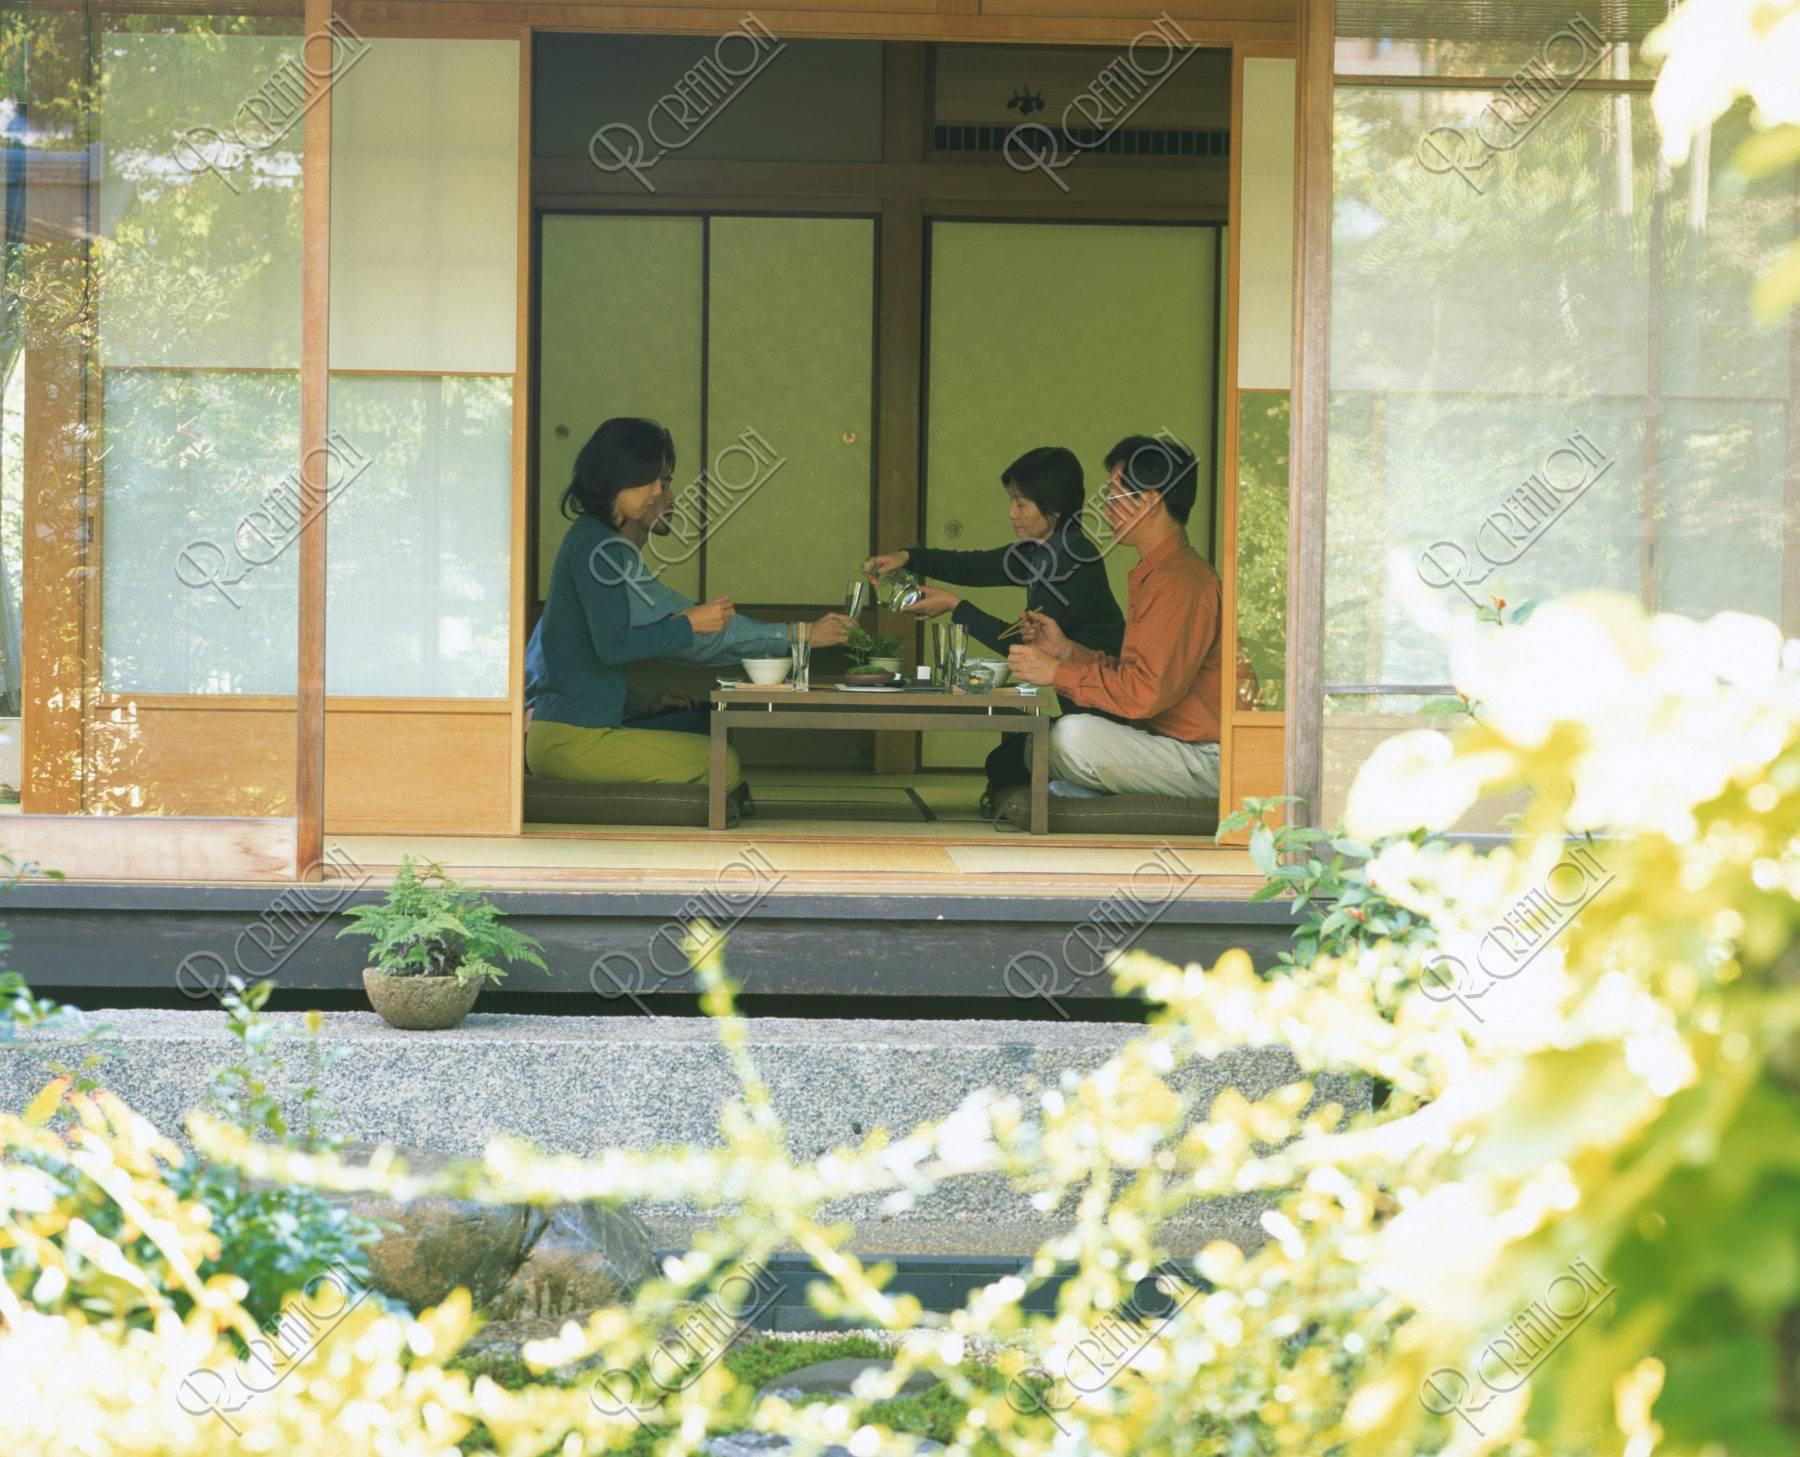 和室で食事をする人達